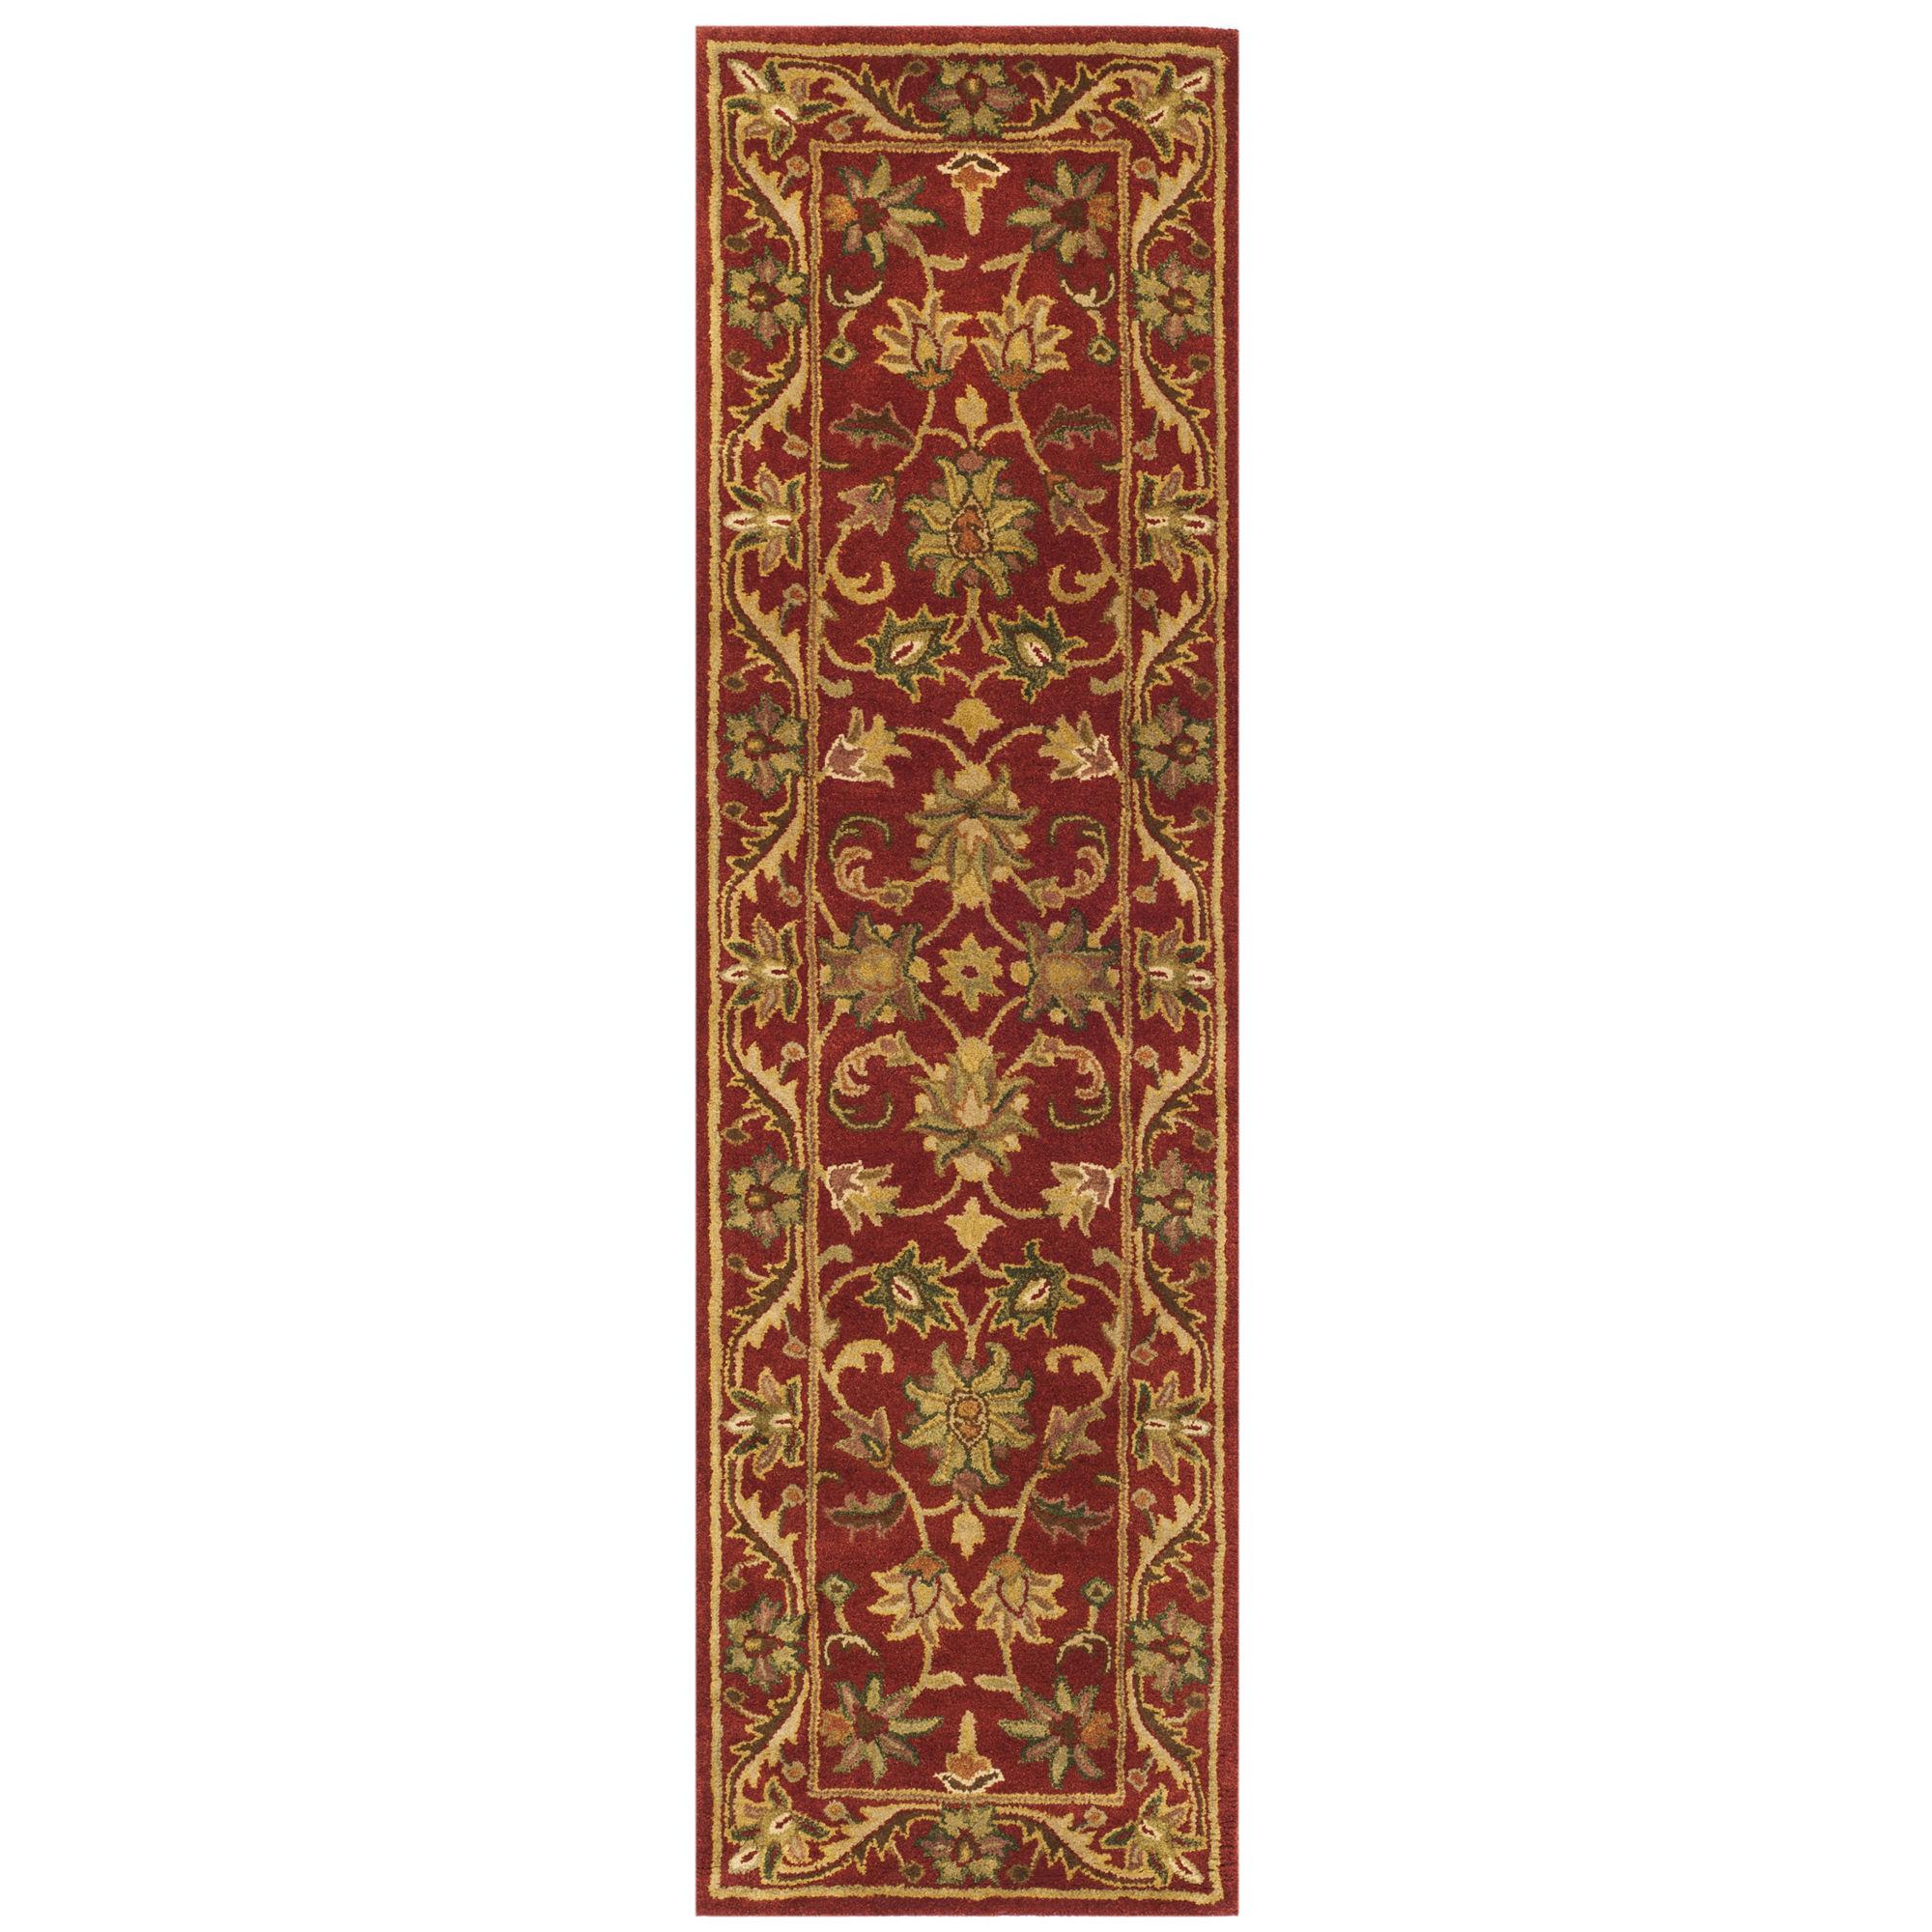 Safavieh Elliot Traditional Area Rug